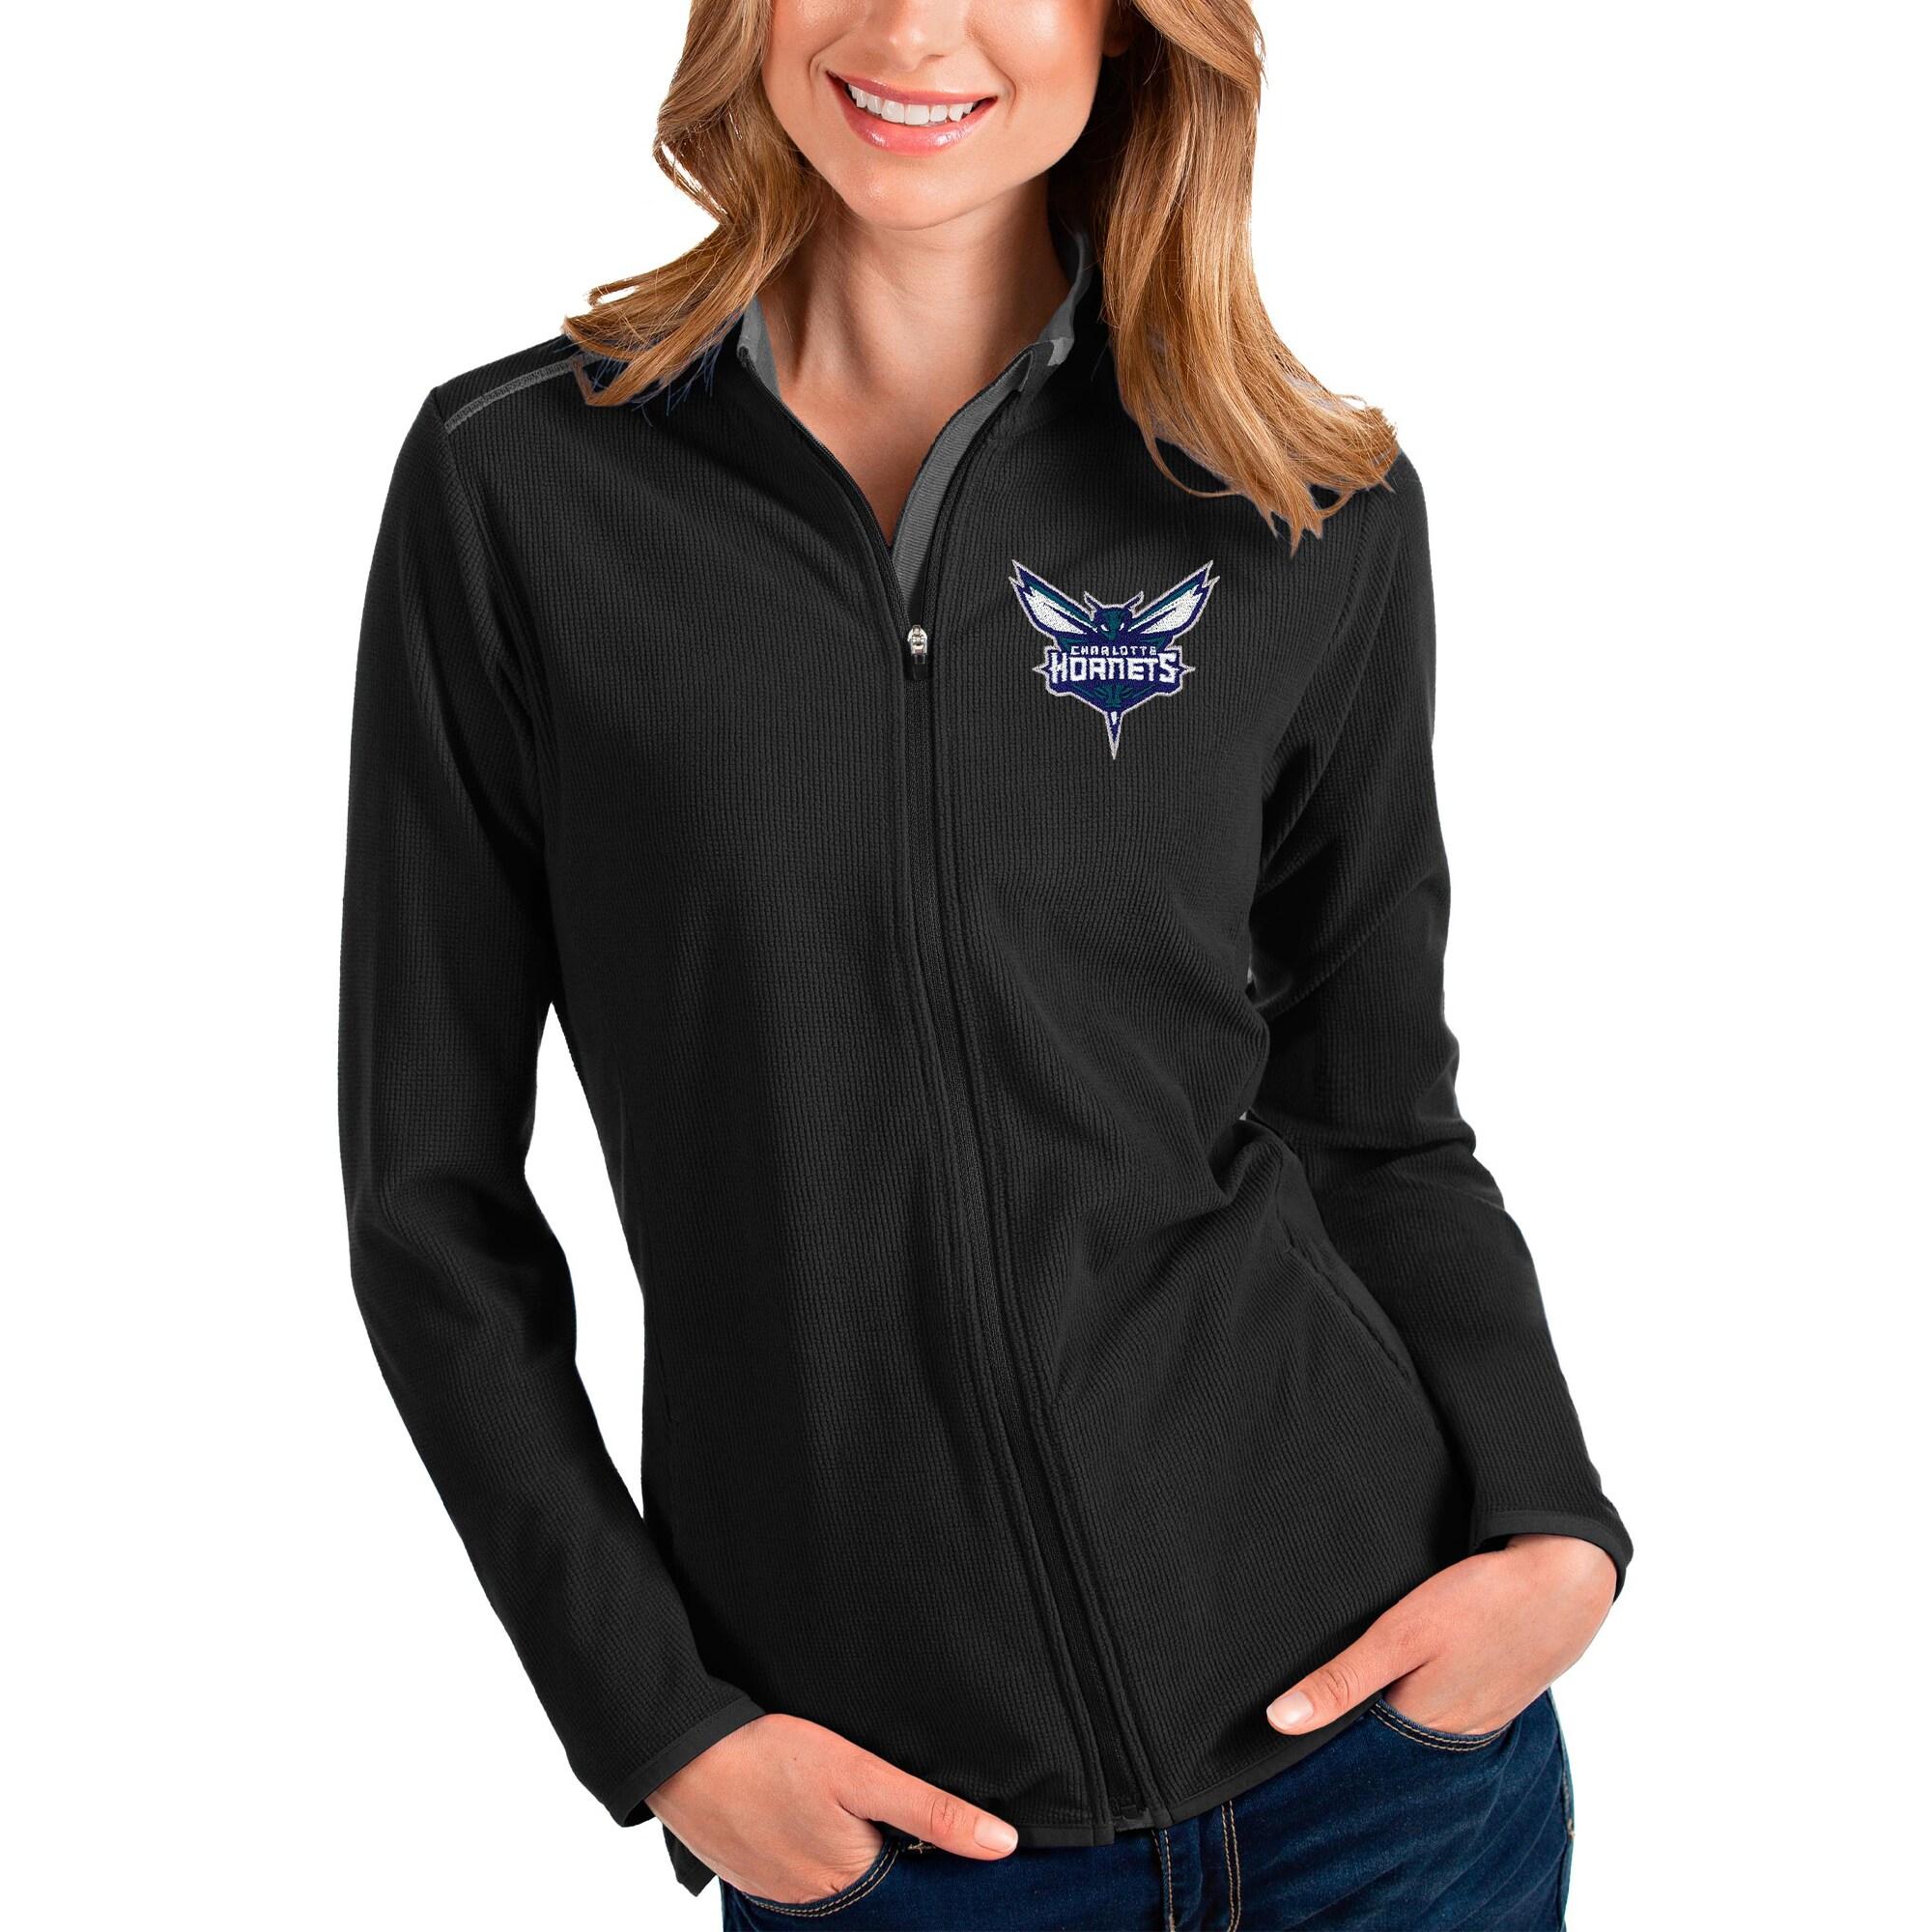 Charlotte Hornets Antigua Women's Glacier Full-Zip Jacket - Black/Gray